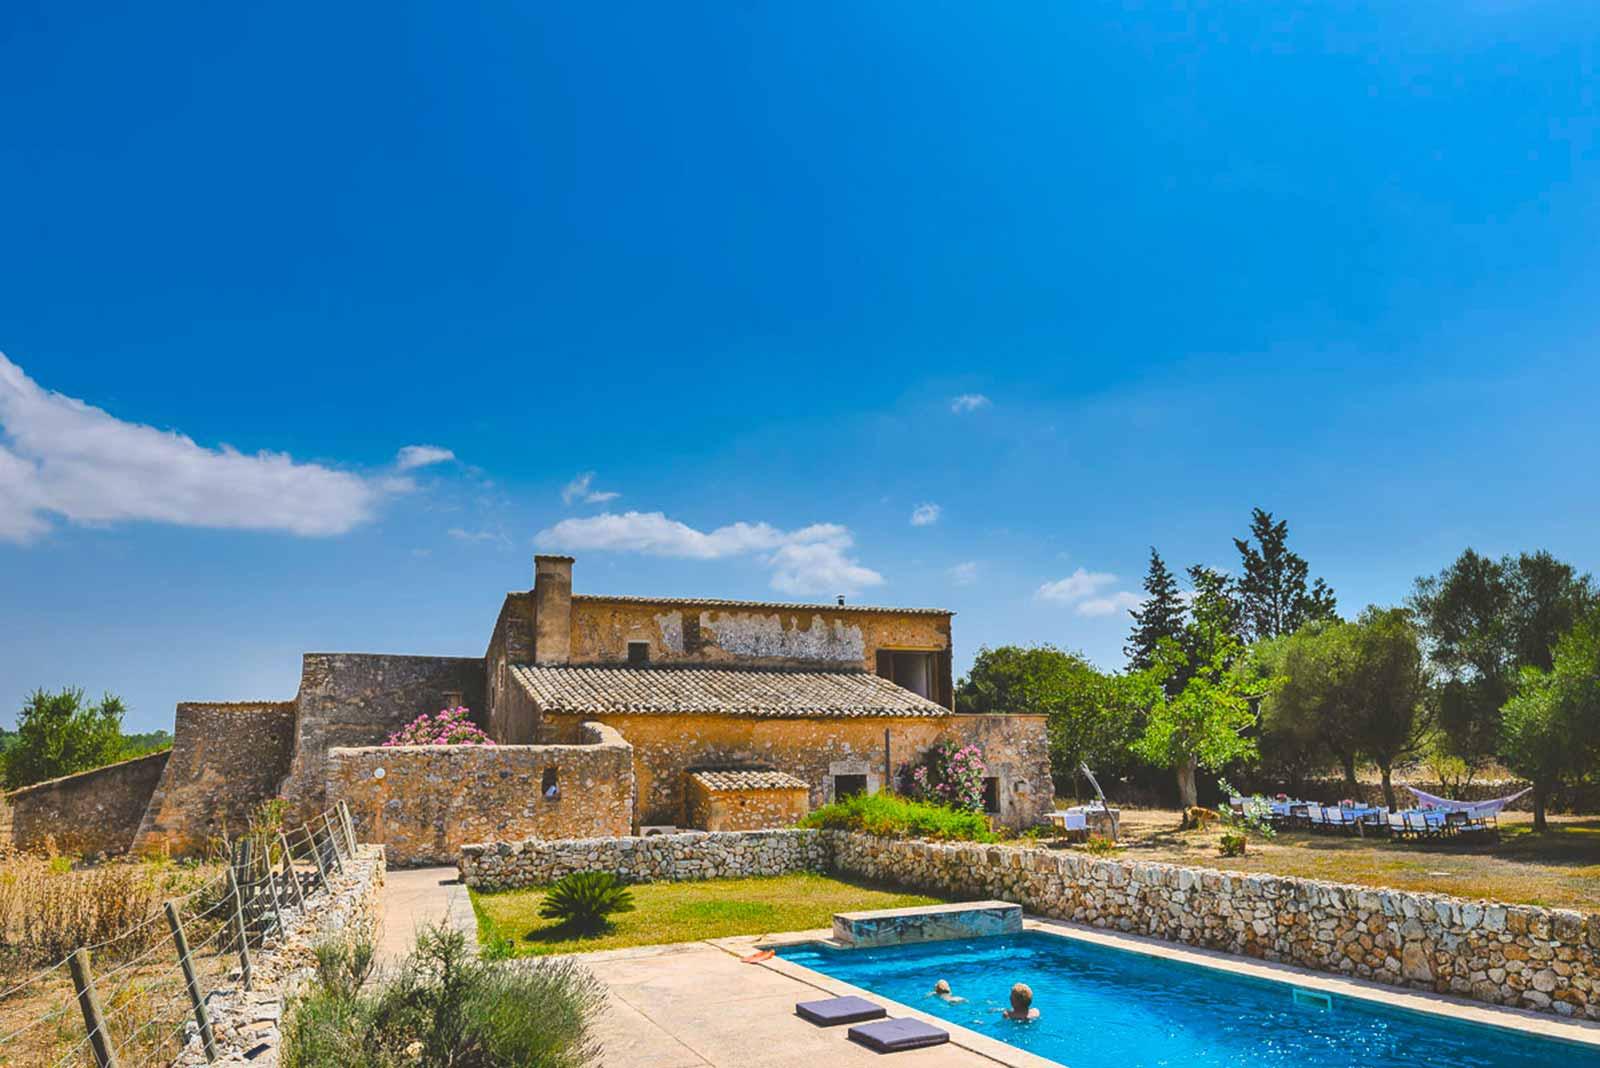 Weinprobe-Mallorca-Weinprobe-Weinverkostung-Sommelier-Mallorca-3